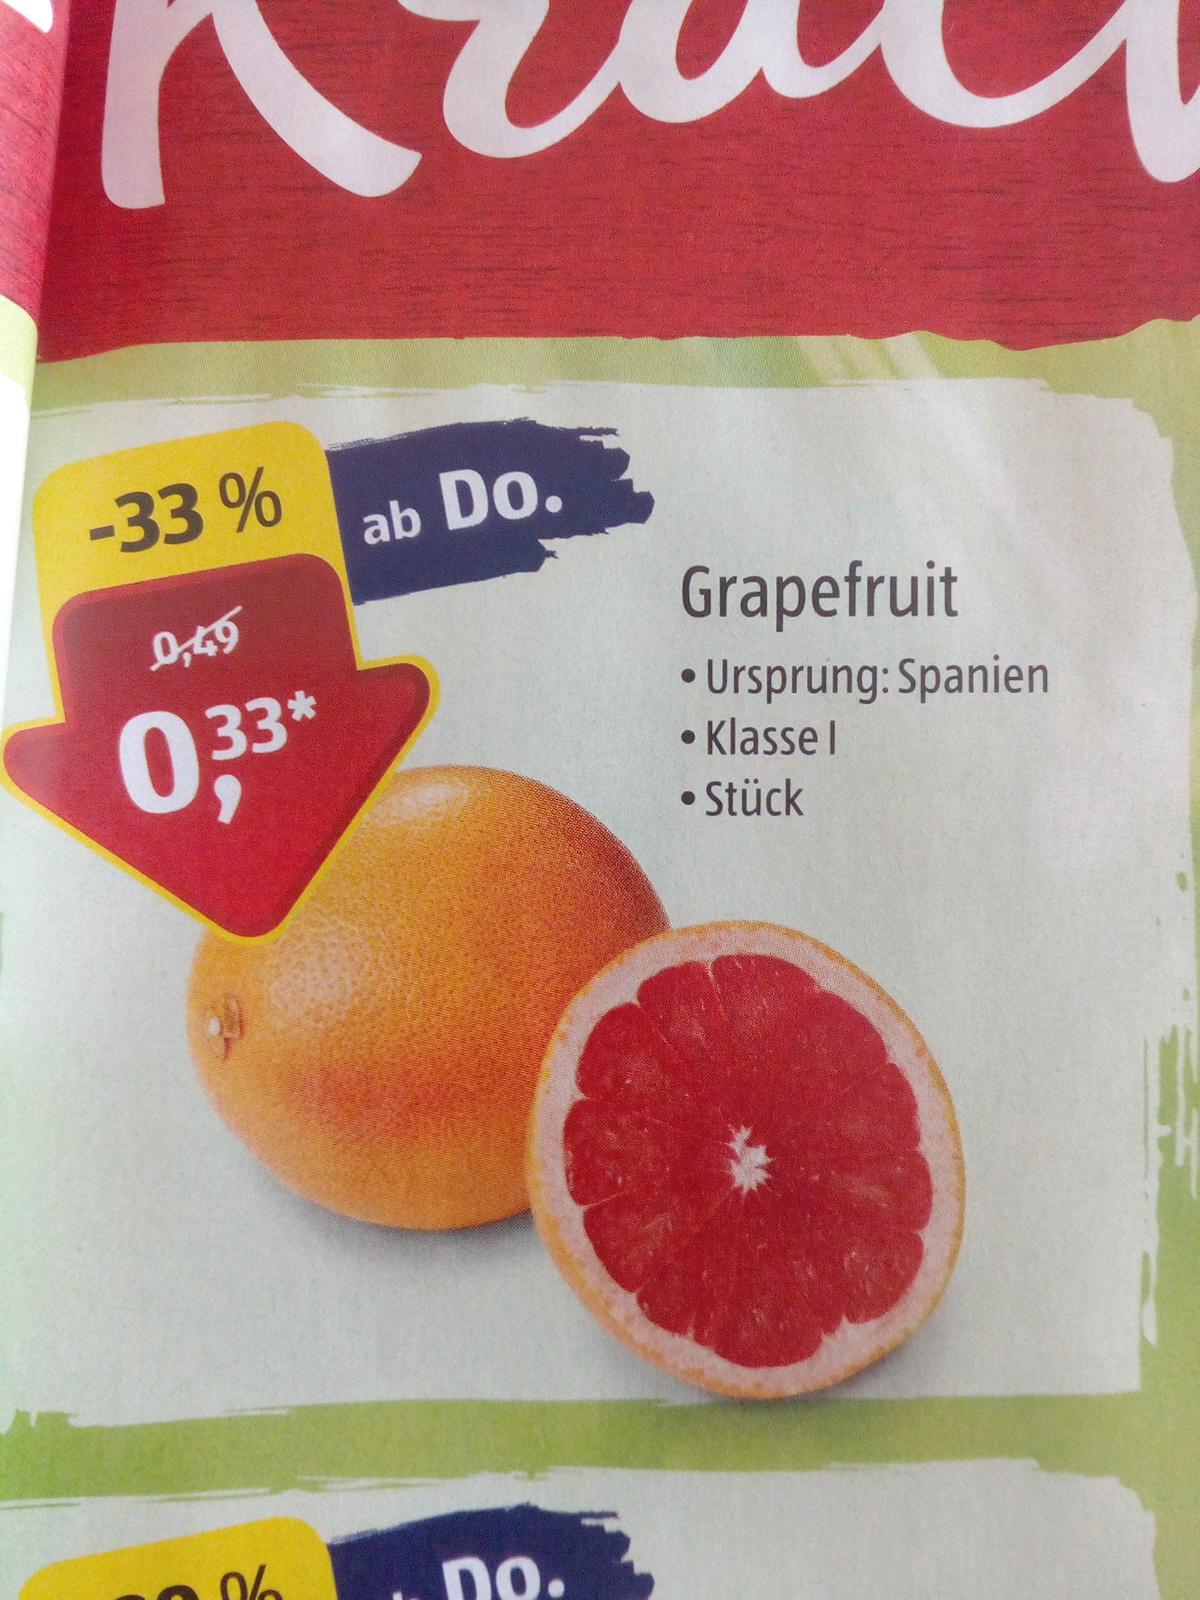 [Aldi Süd]  Spanische Grapefruit für nur 0,33€ |ab 27.12